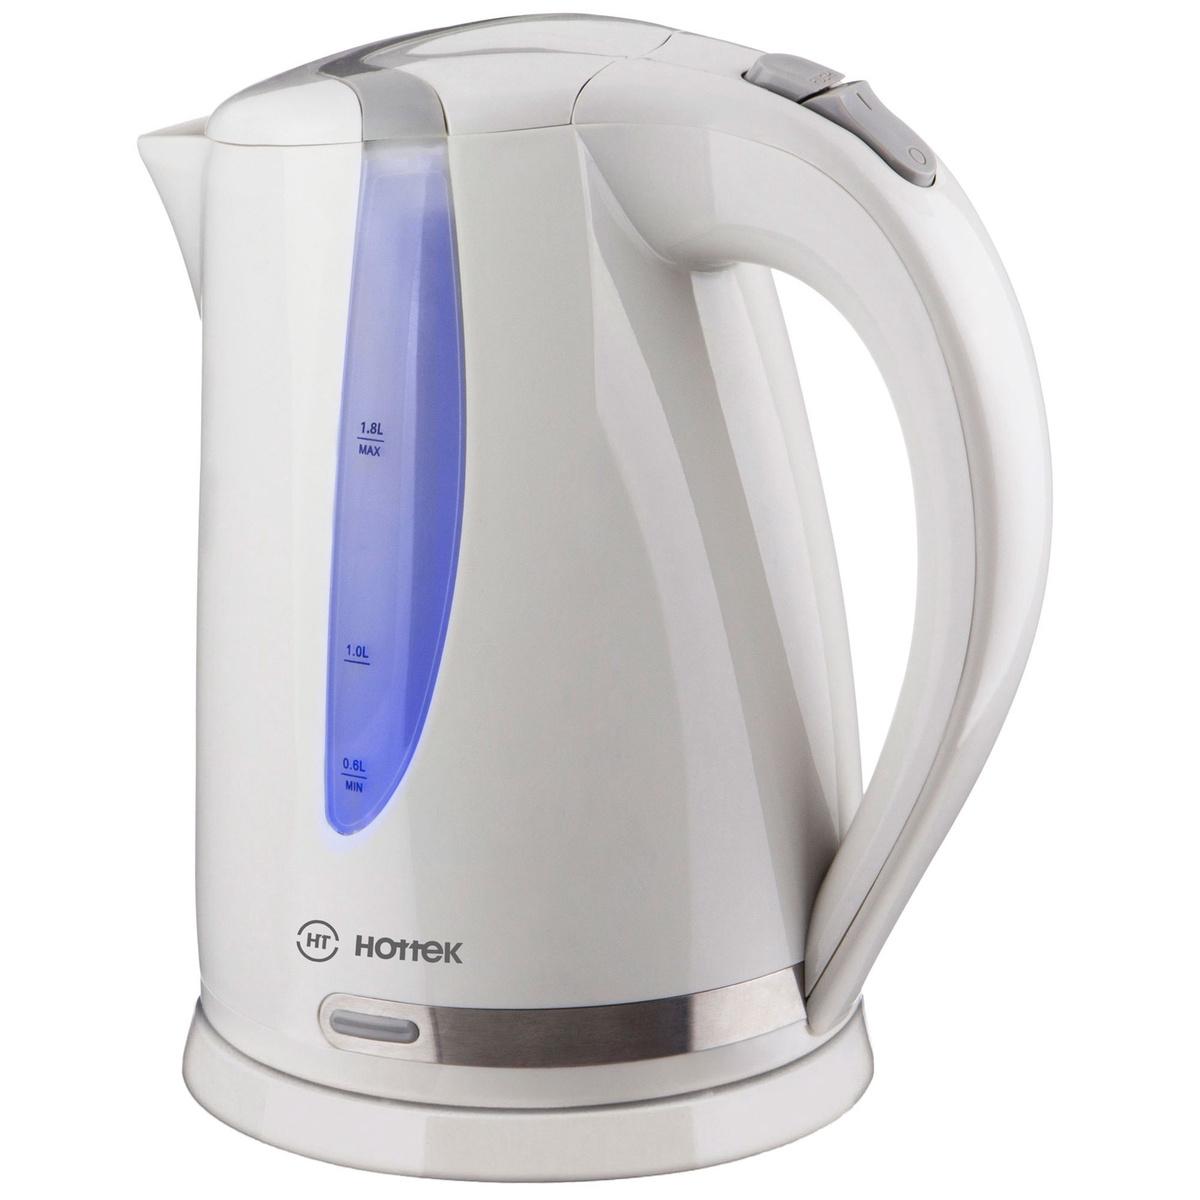 Электрический чайник Hottek 960-004, белый #1